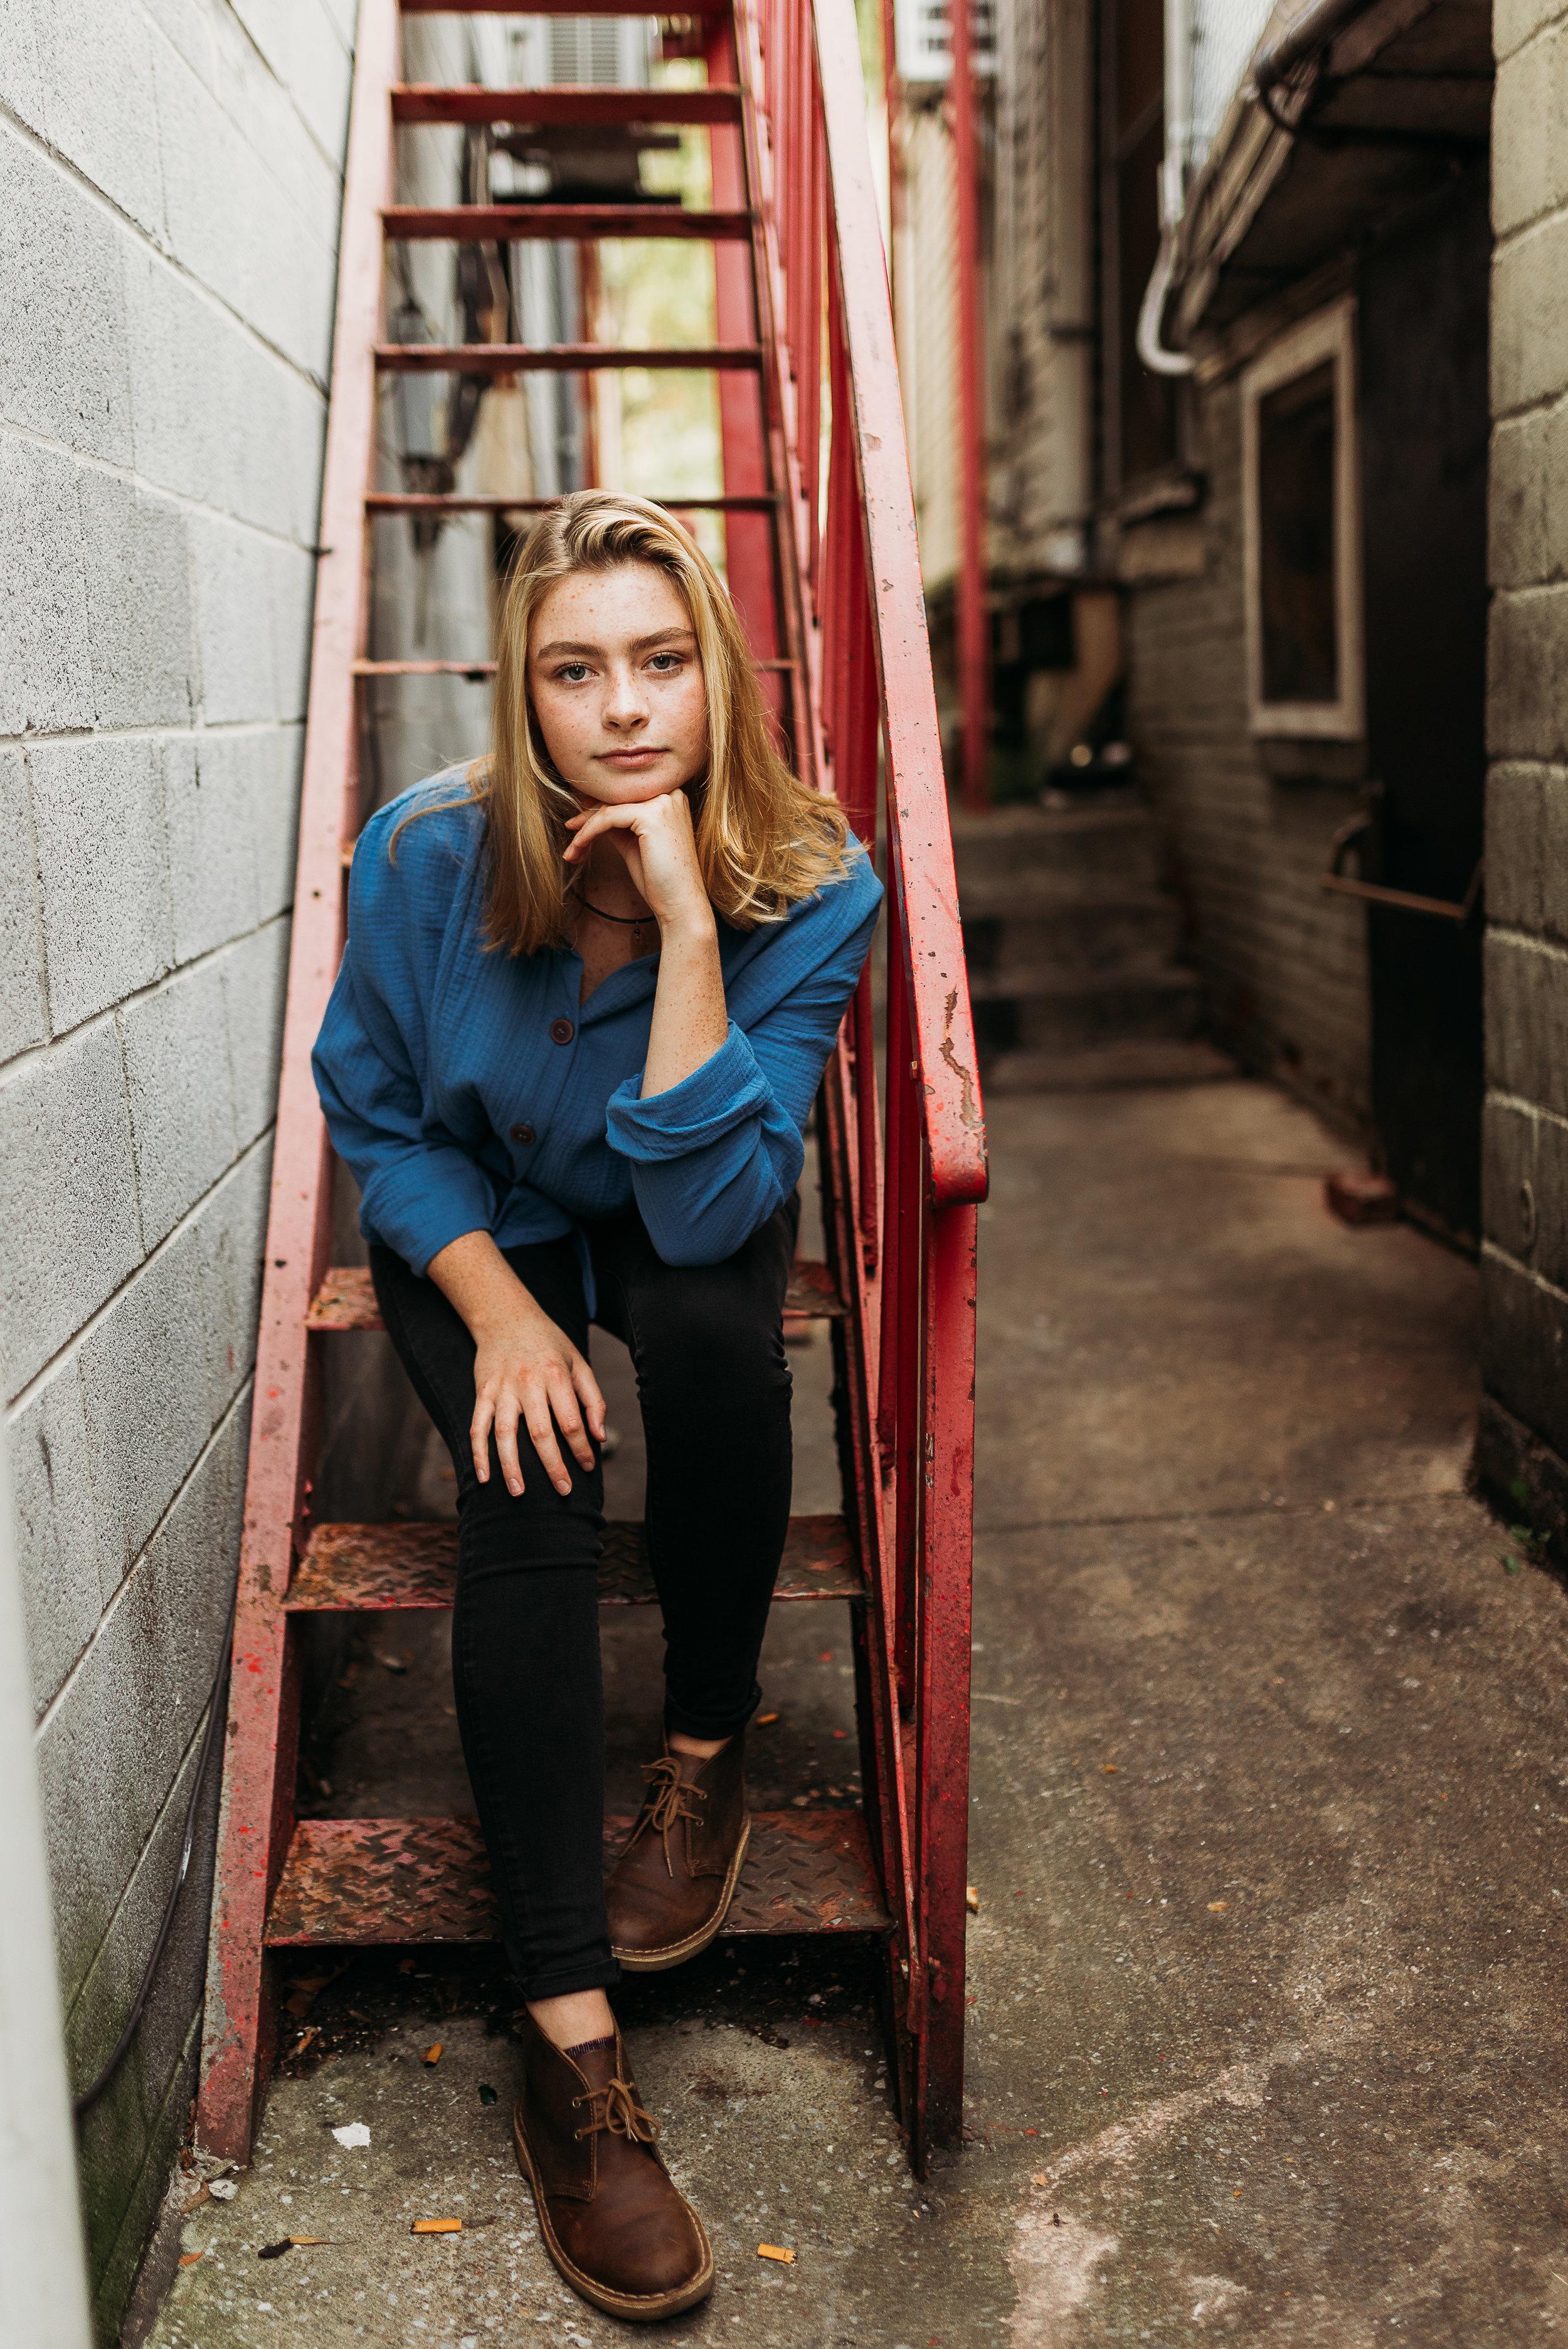 Jennifer Illig photography seniors